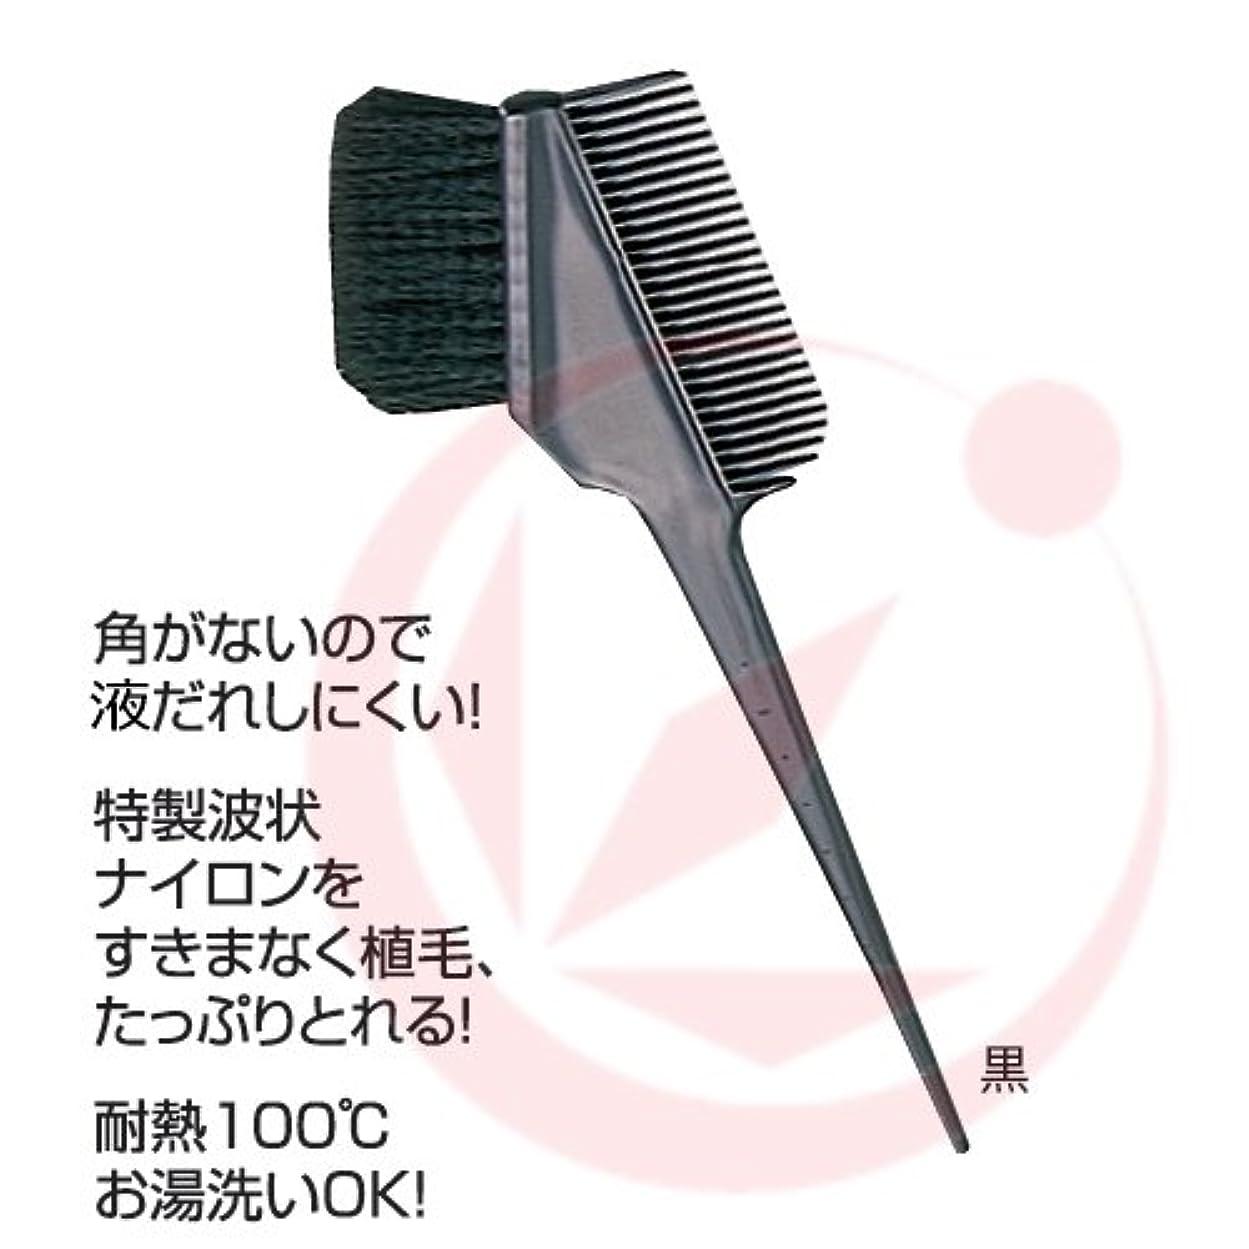 作家不当添加剤サンビーK-60 ヘアダイコーム付ブラシ カーマインレッド(BR)